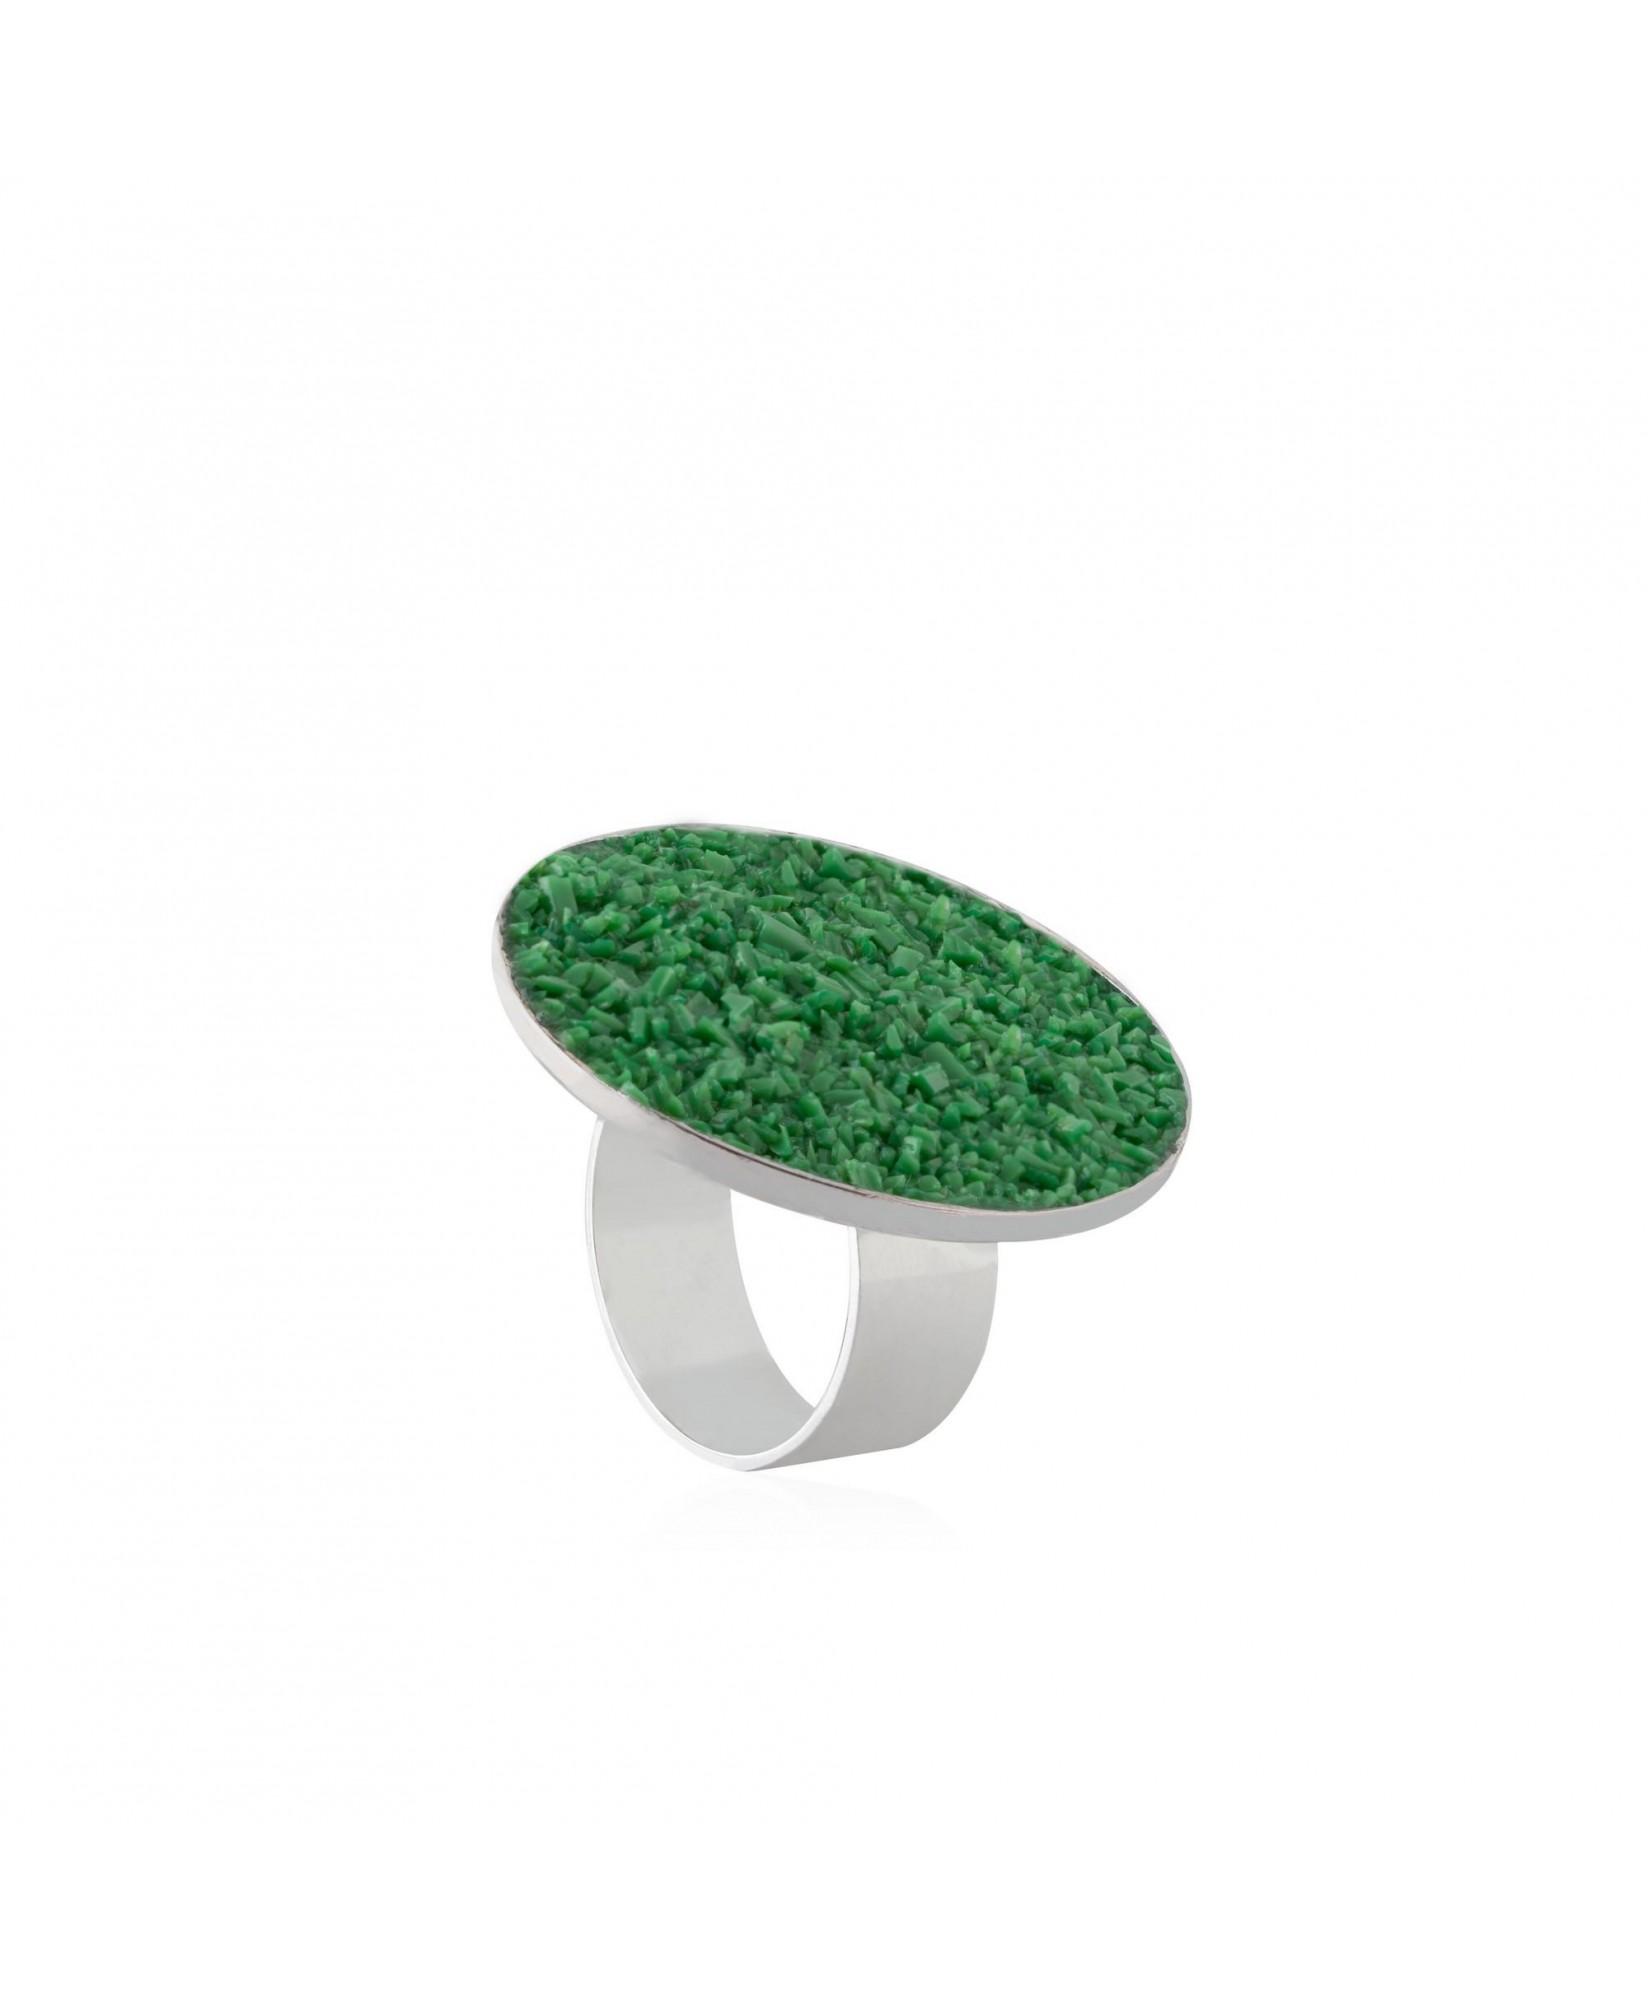 Anillo en plata Demeter con nácar verde Anillo en plata Demeter con nácar verde